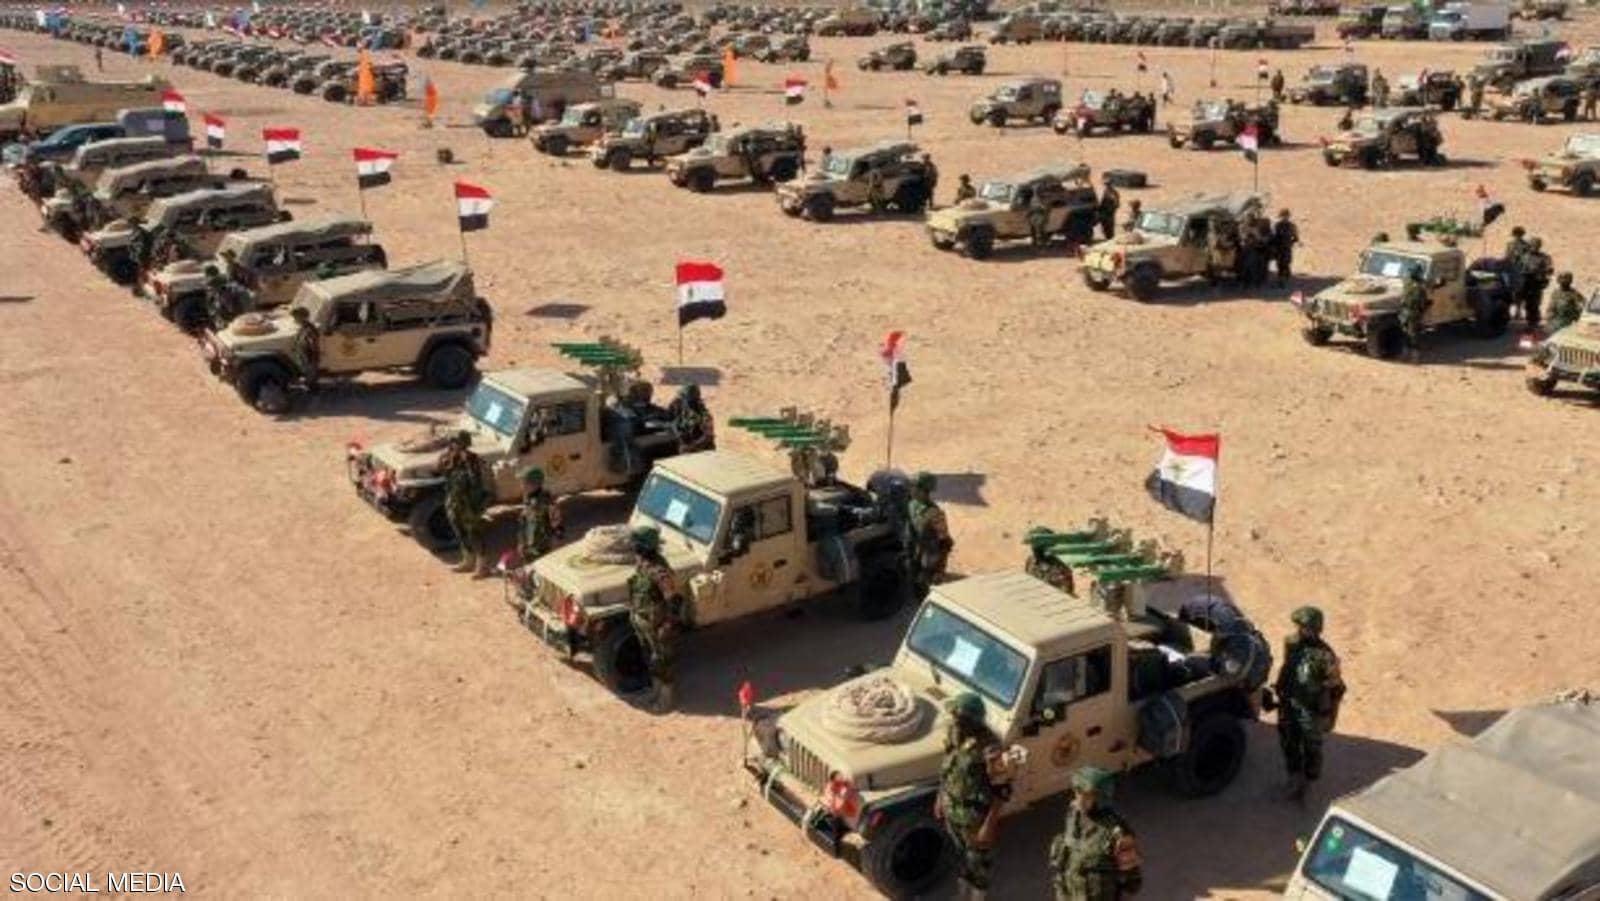 آلية الجيش المصري التي شاركت في الاصطفاف القتالي